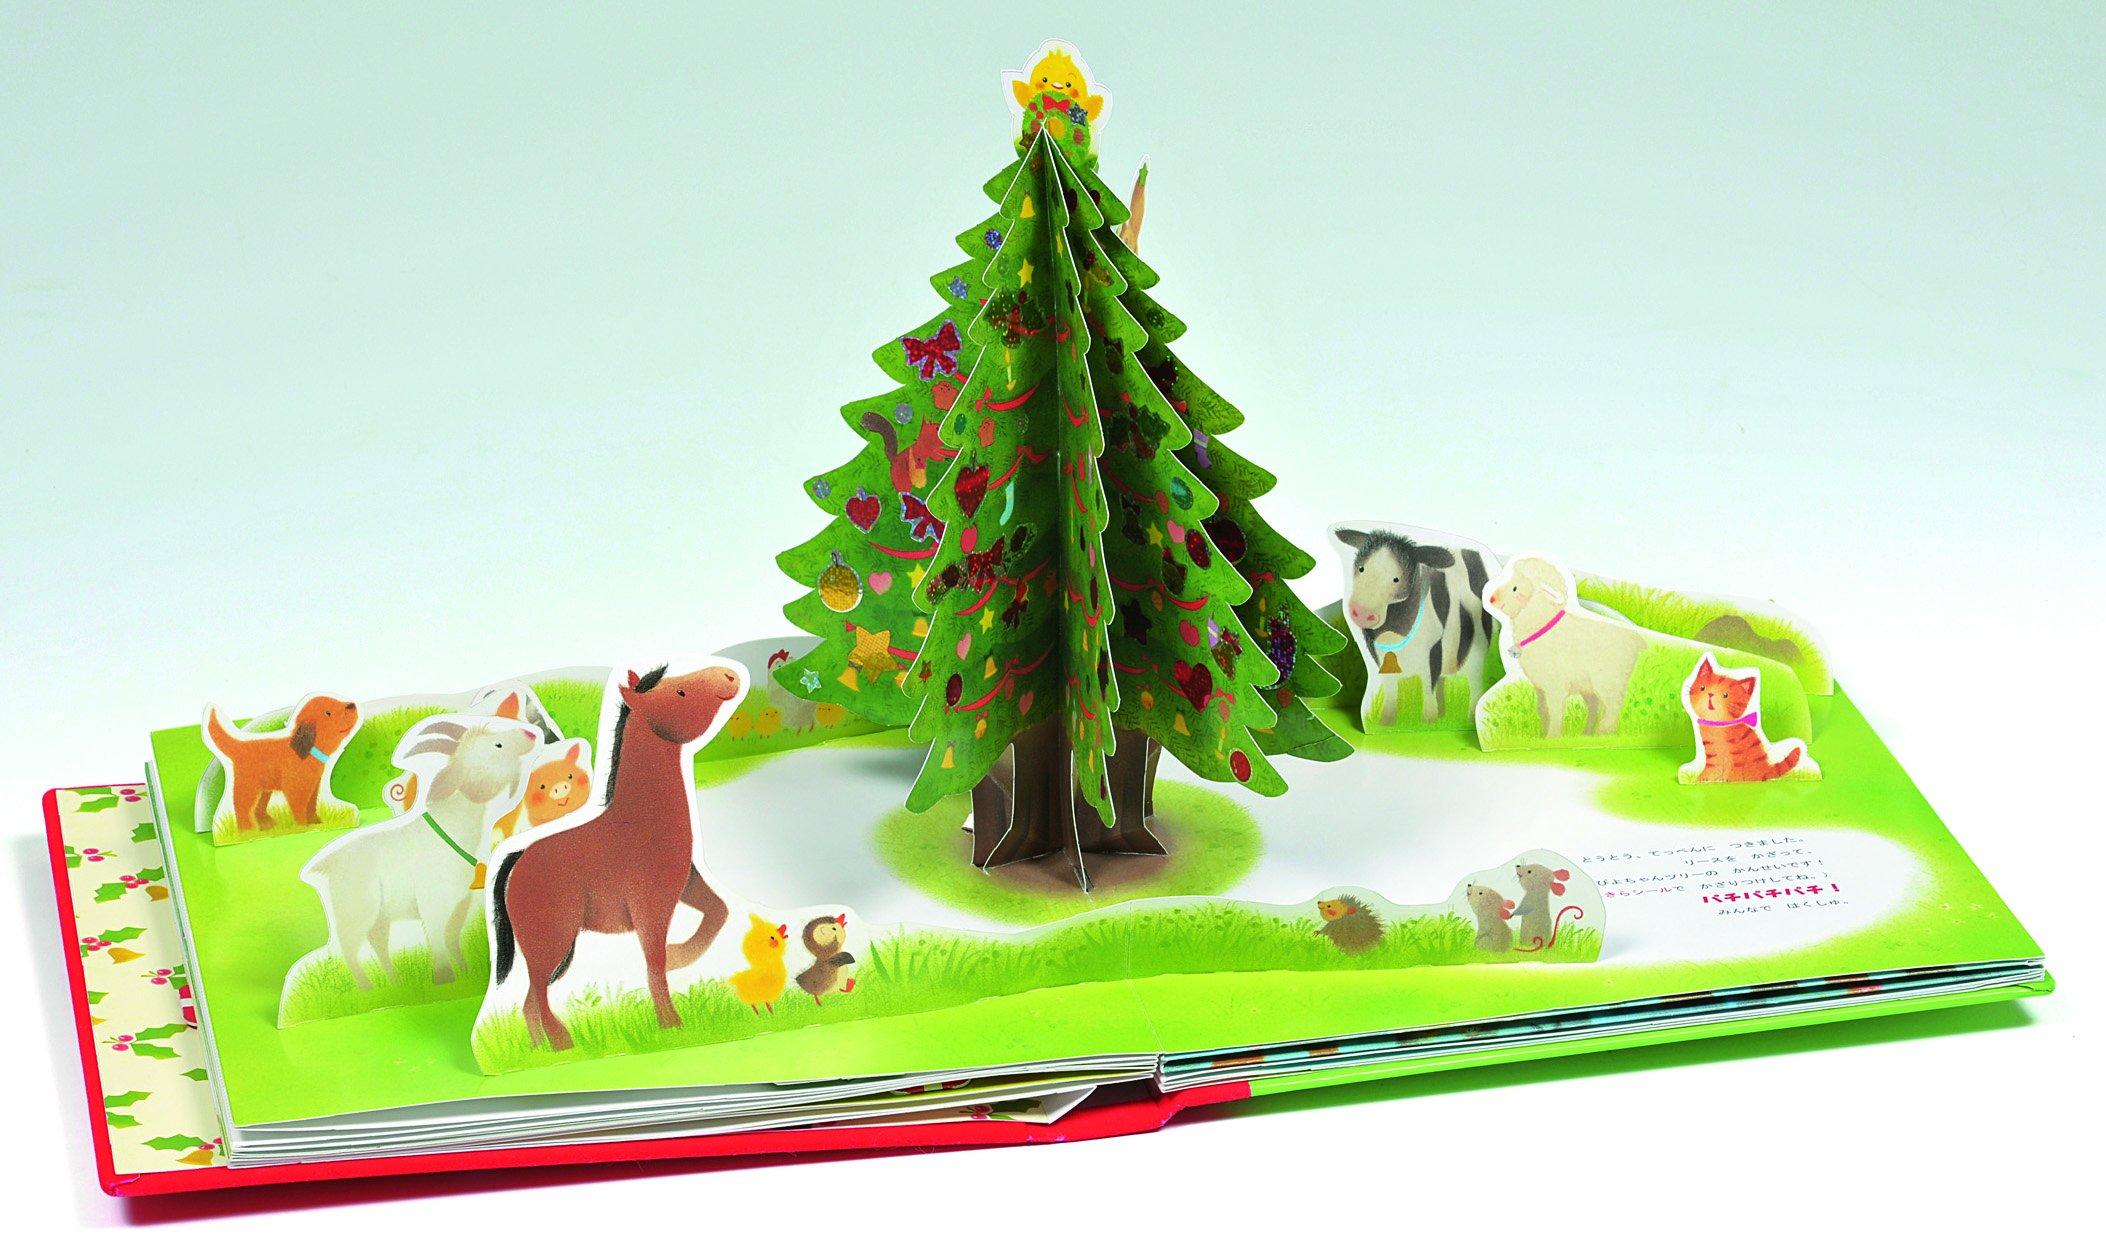 子供におすすめの仕掛け絵本『ぴよちゃんのクリスマス』